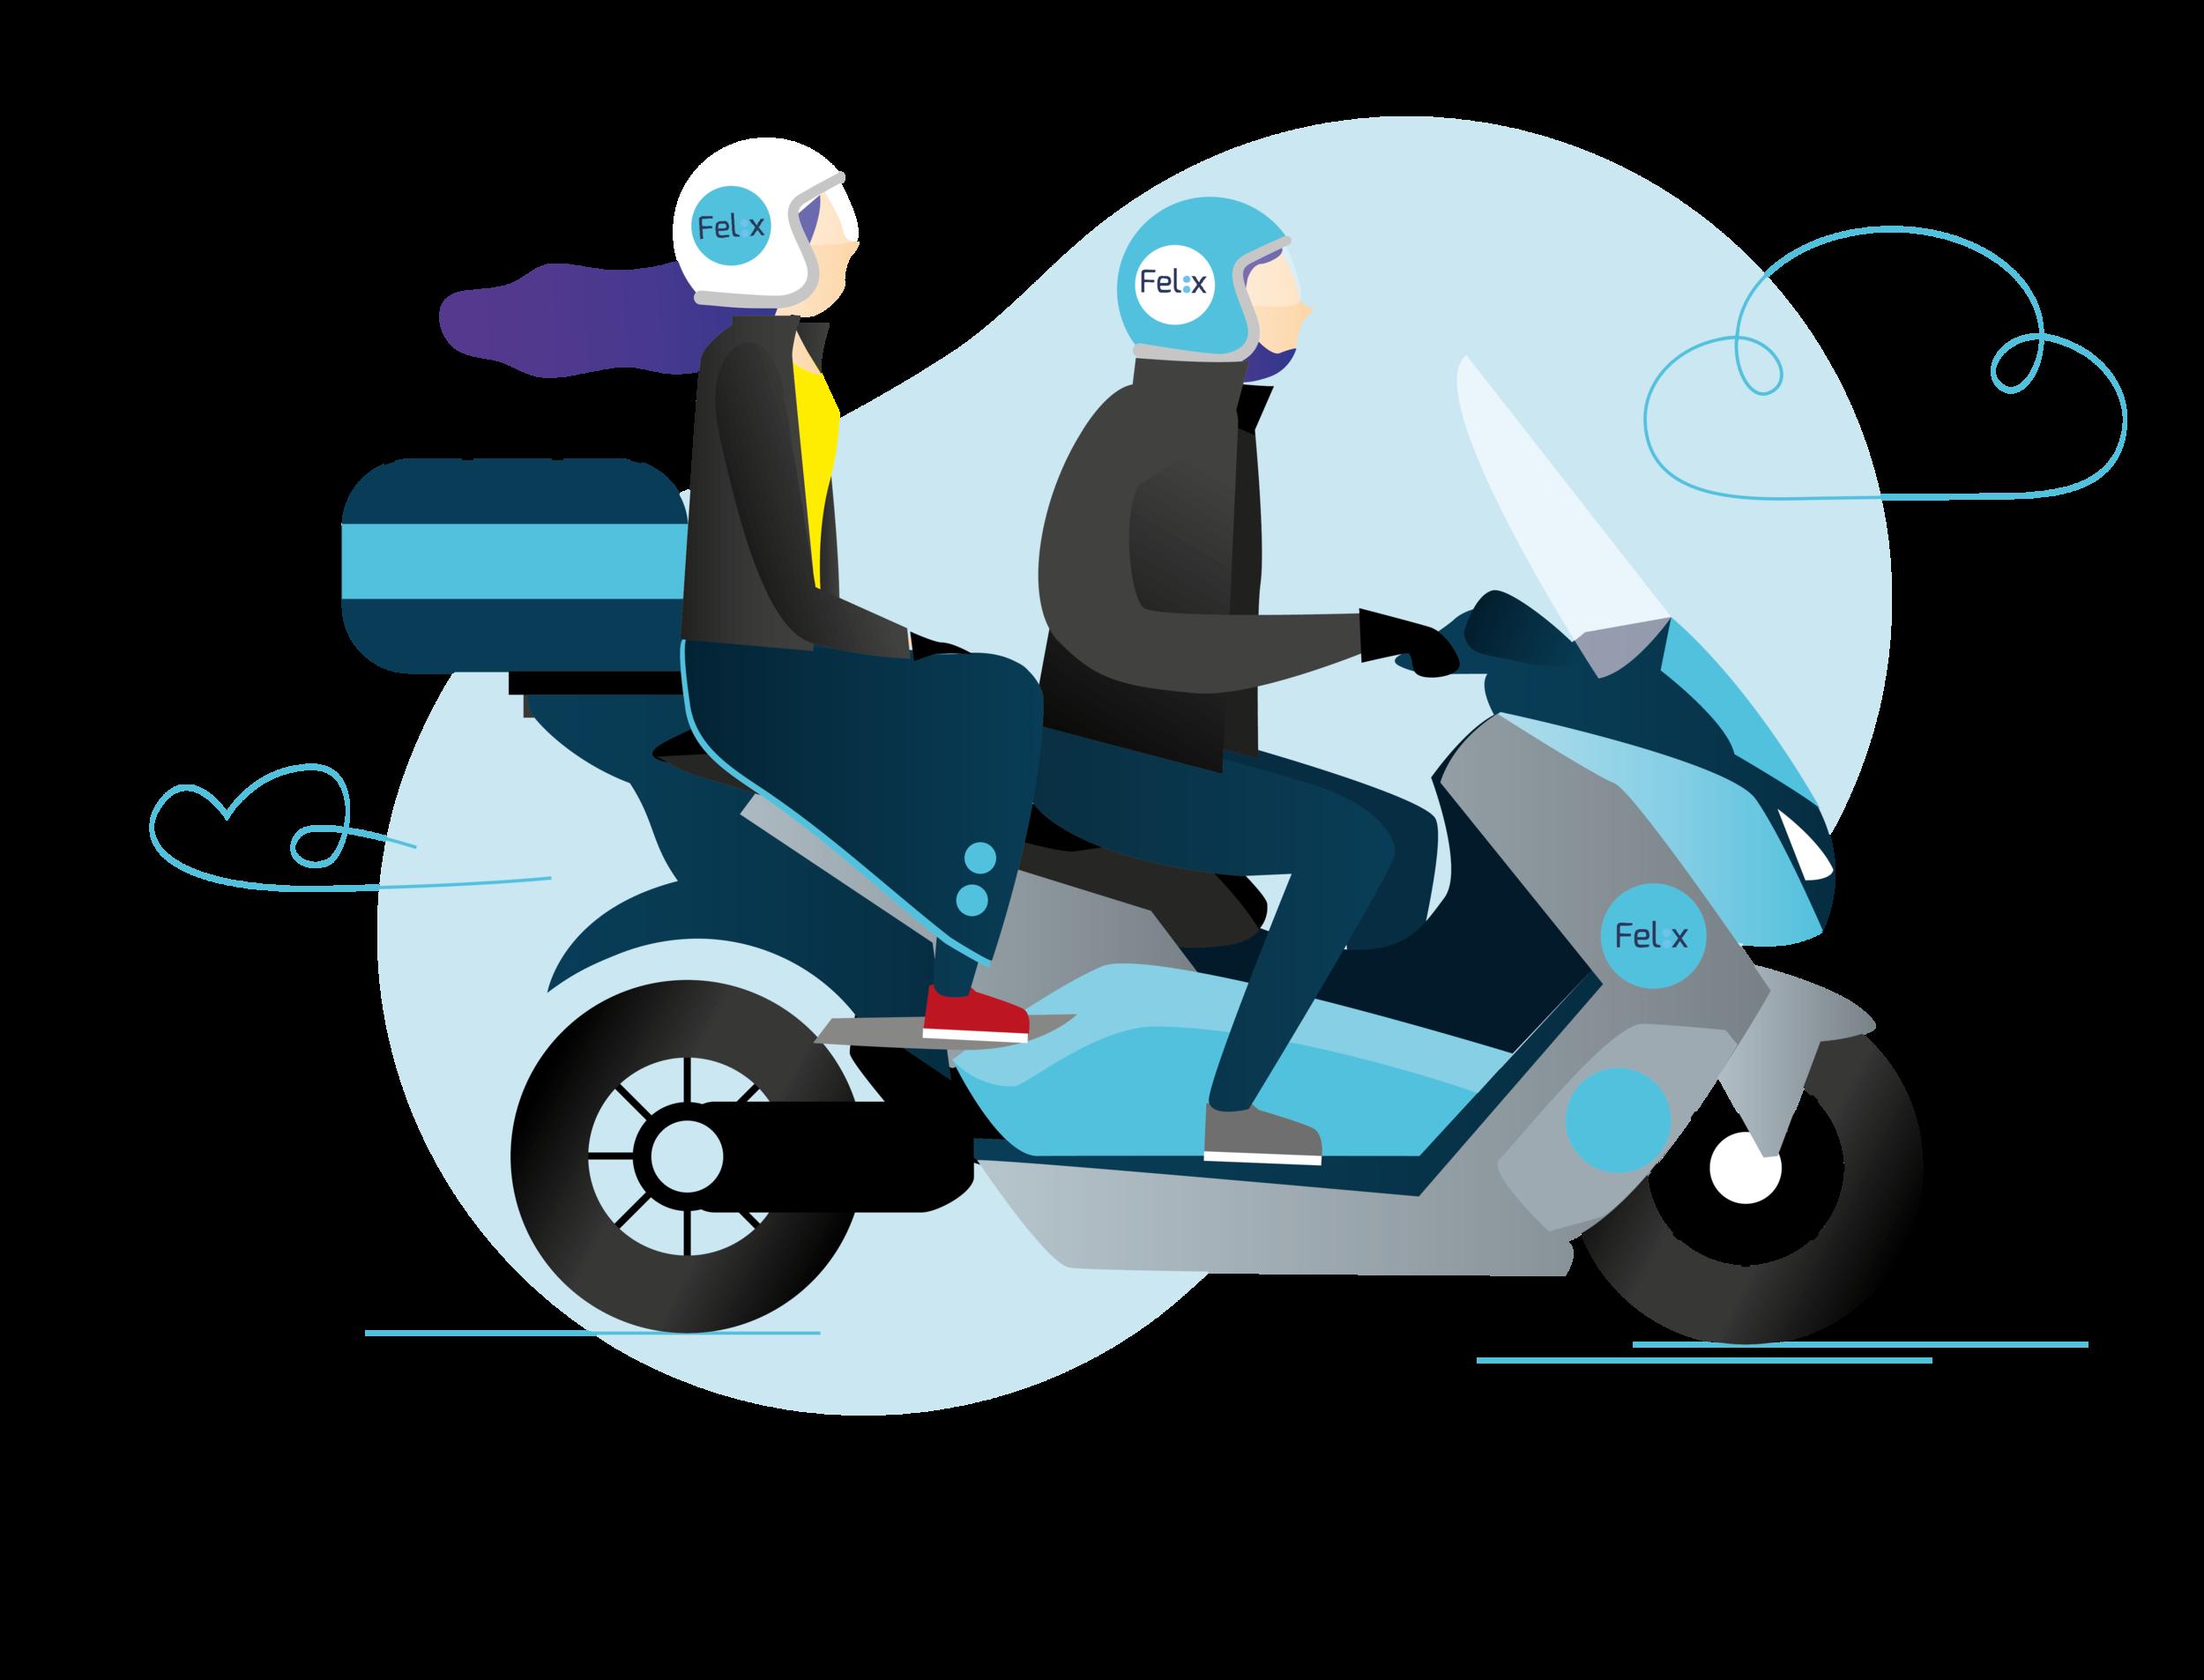 Des scooters 100% électriques - Notre flotte de scooters électriques BMW vous permet de vous déplacer au quotidien avec une empreinte écologique nulle. Felix s'engage pour une mobilité durable.